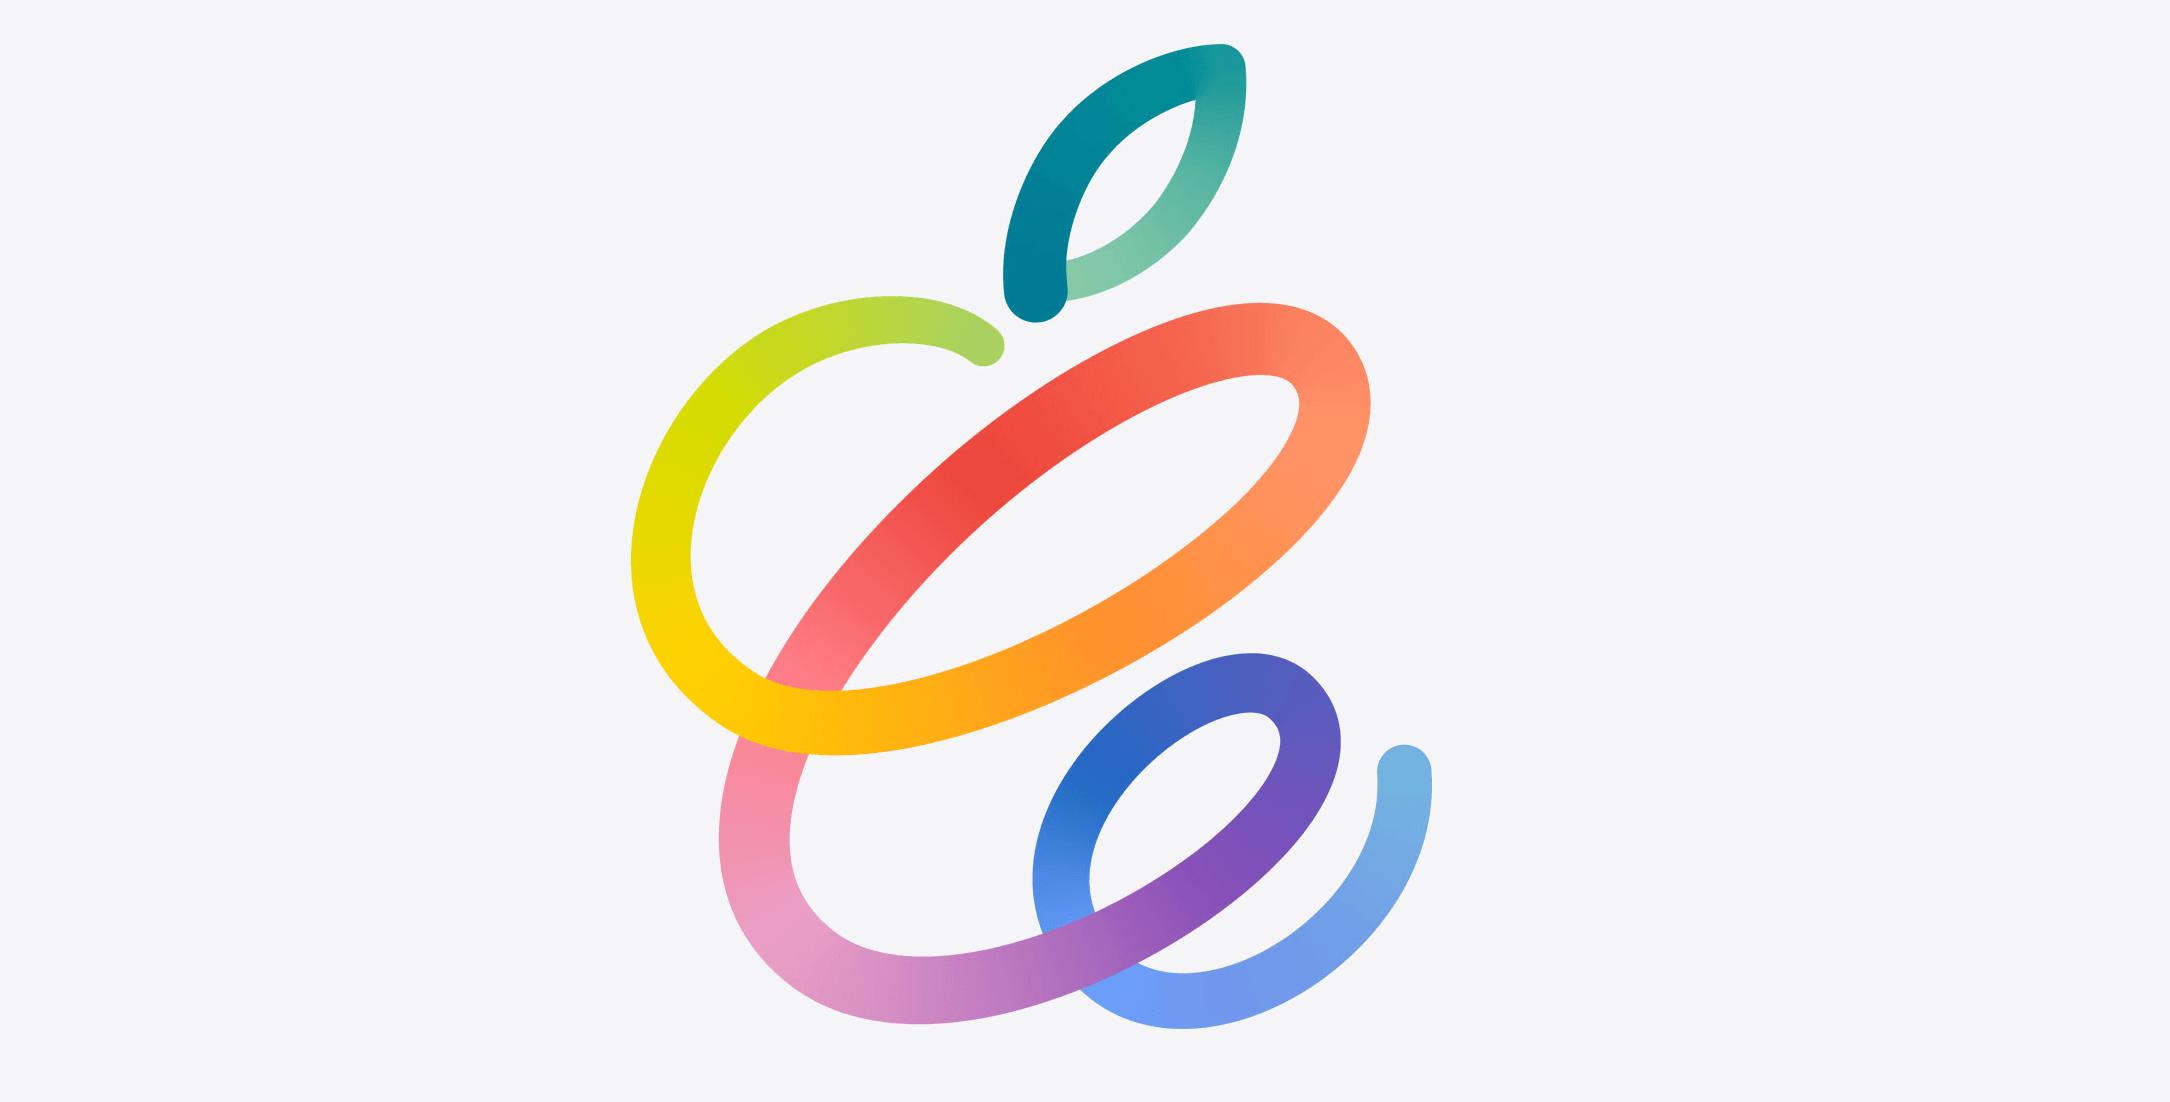 Apple впервые прорекламировала свою презентацию в соцсети для подростков TikTok